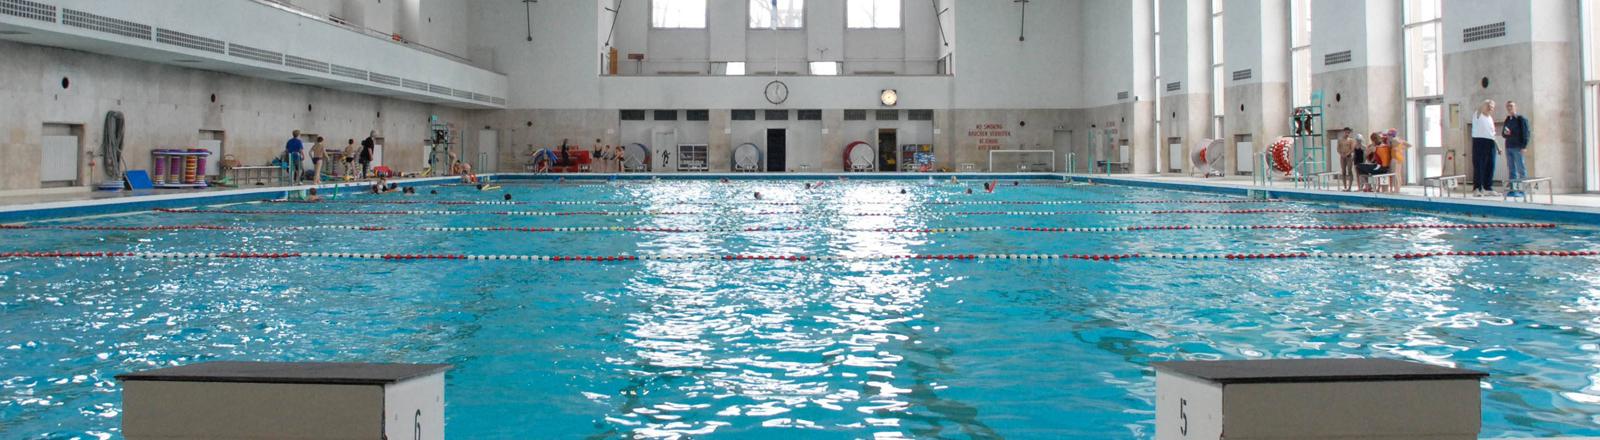 Das Schwimmbad an der Finckensteinallee, immer noch in Nutzung, zeigt sich am 30.03.2006, noch mit Sprungturm, in seinem maroden Charme der Zeit, als die Alliierten dieses noch benutzten.